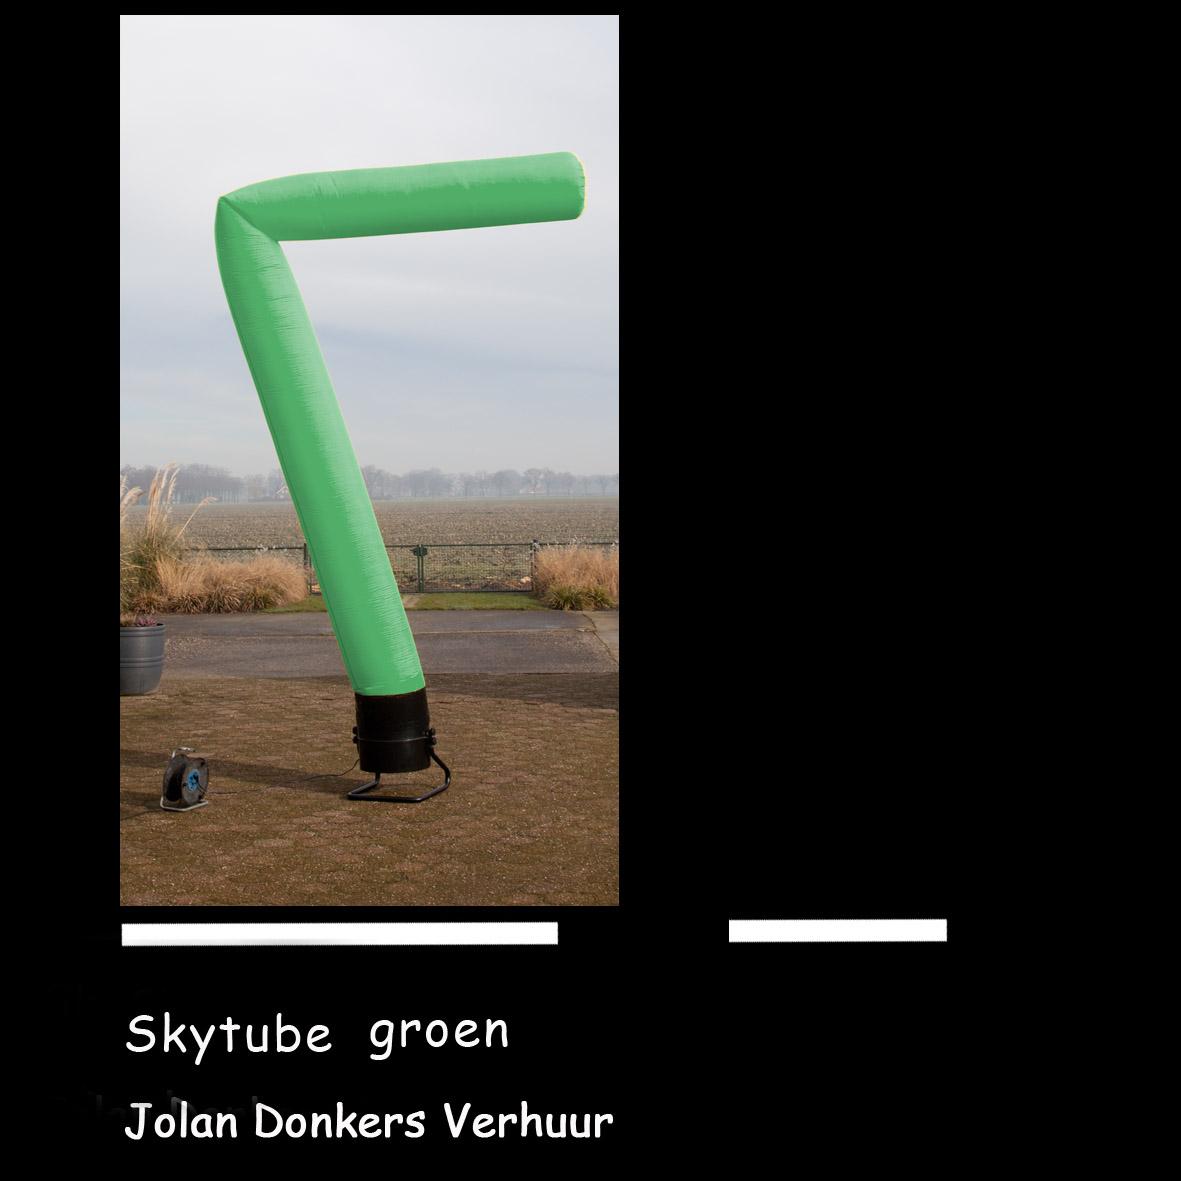 skytube groen